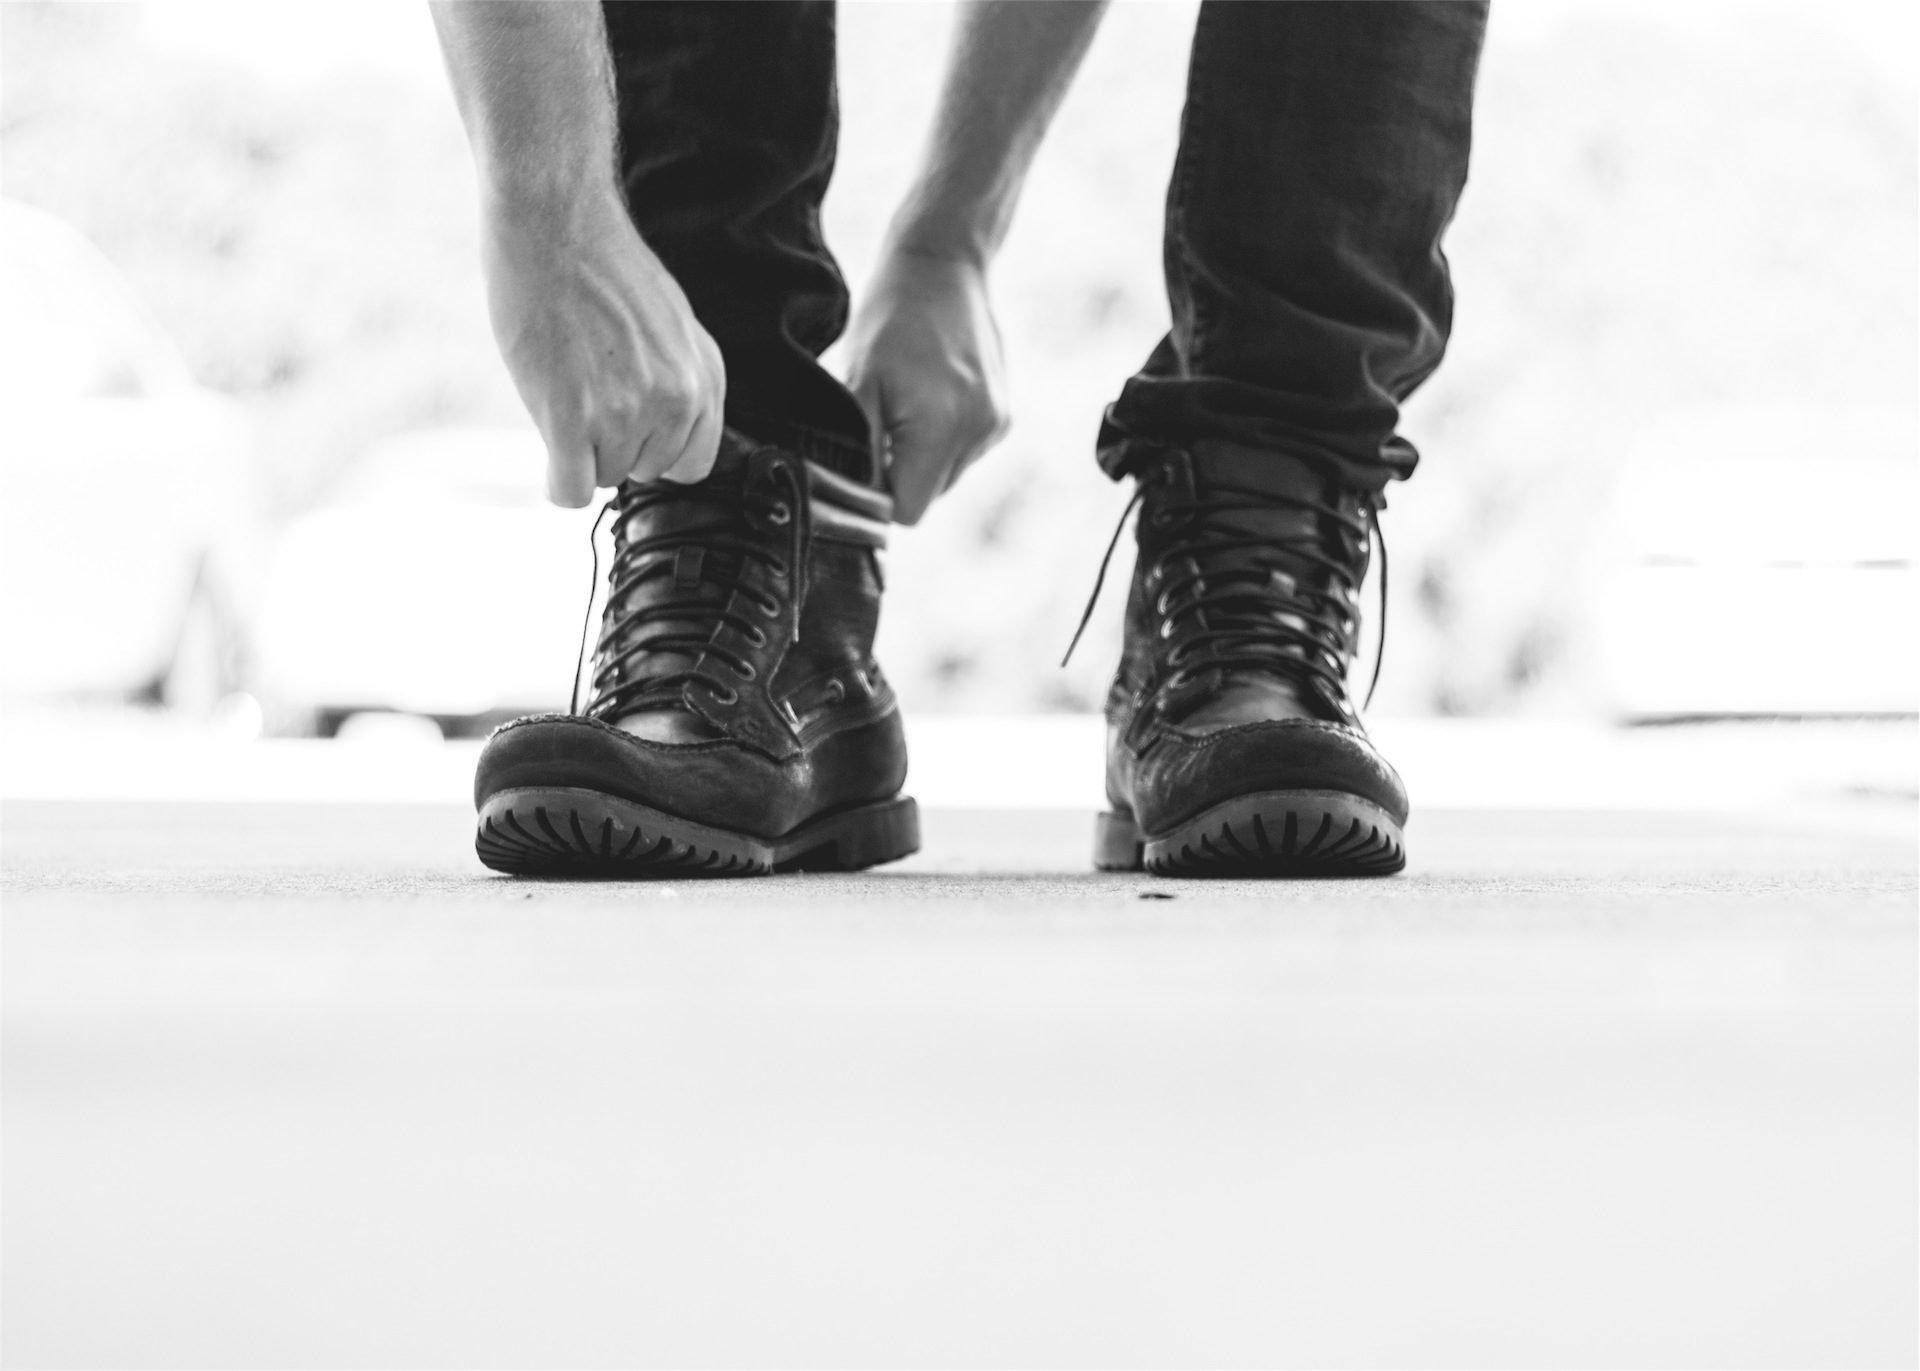 zapatos, hombre, botas, vestimenta, en blanco y negro - Fondos de Pantalla HD - professor-falken.com